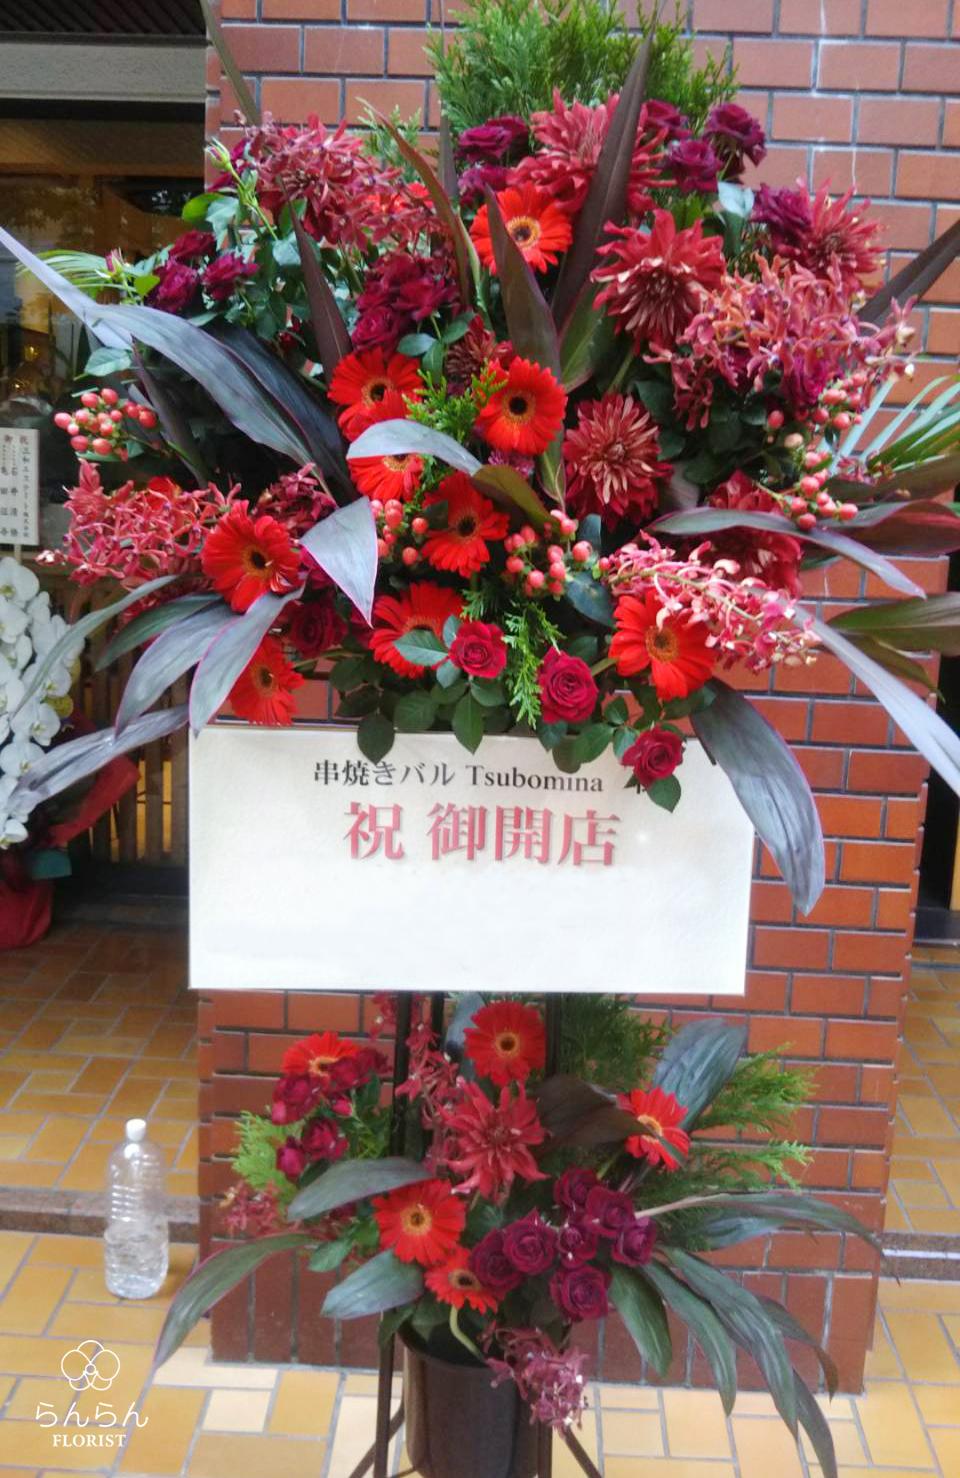 串焼きバル Tsubomina スタンド花